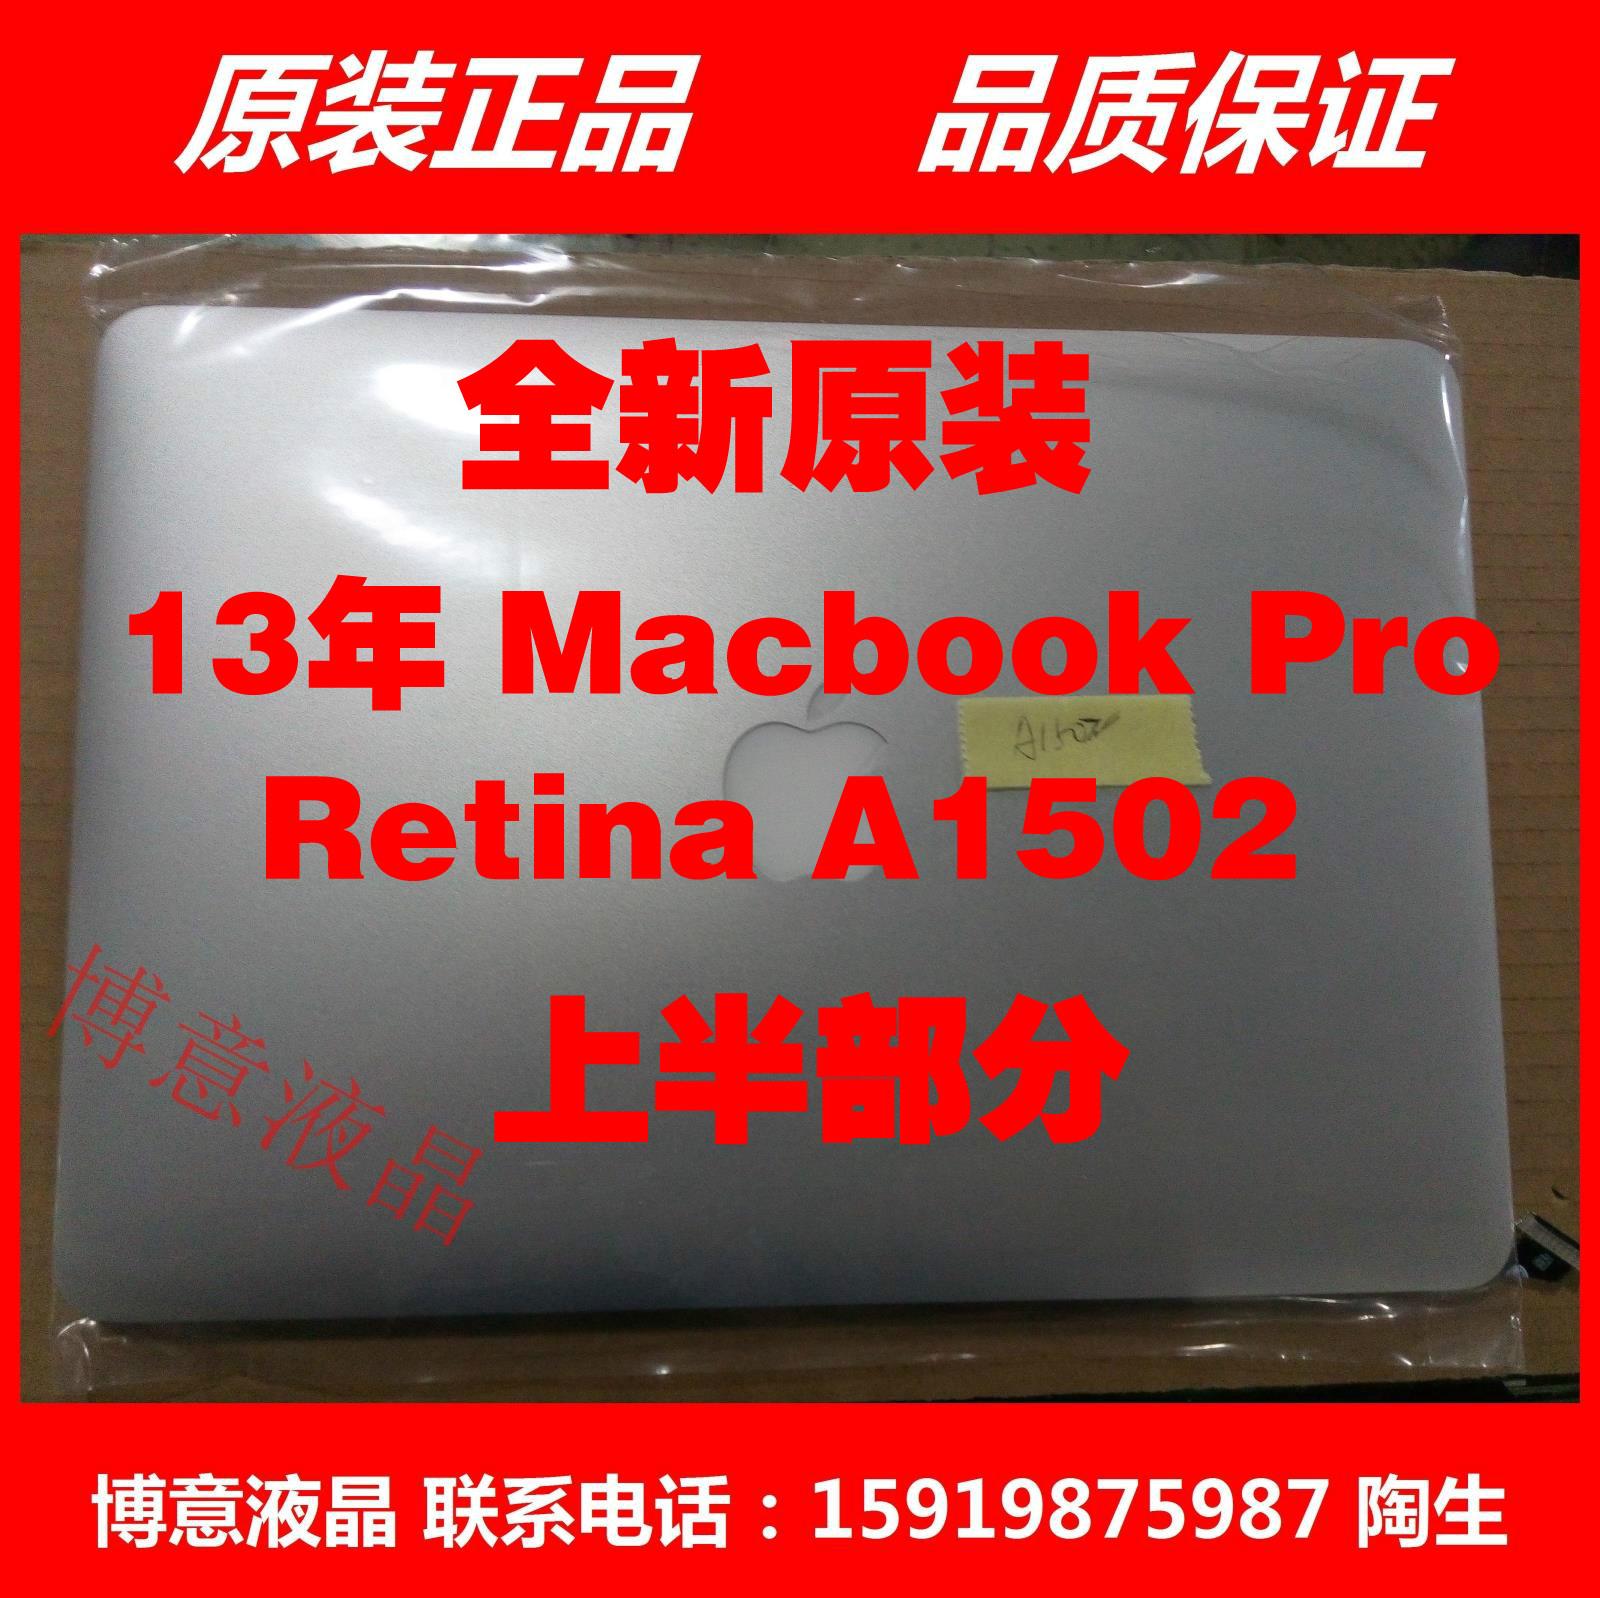 Комплектующие и запчасти для ноутбуков Macbook Pro Retina A1398 A1502 ME864 ME865 комплектующие